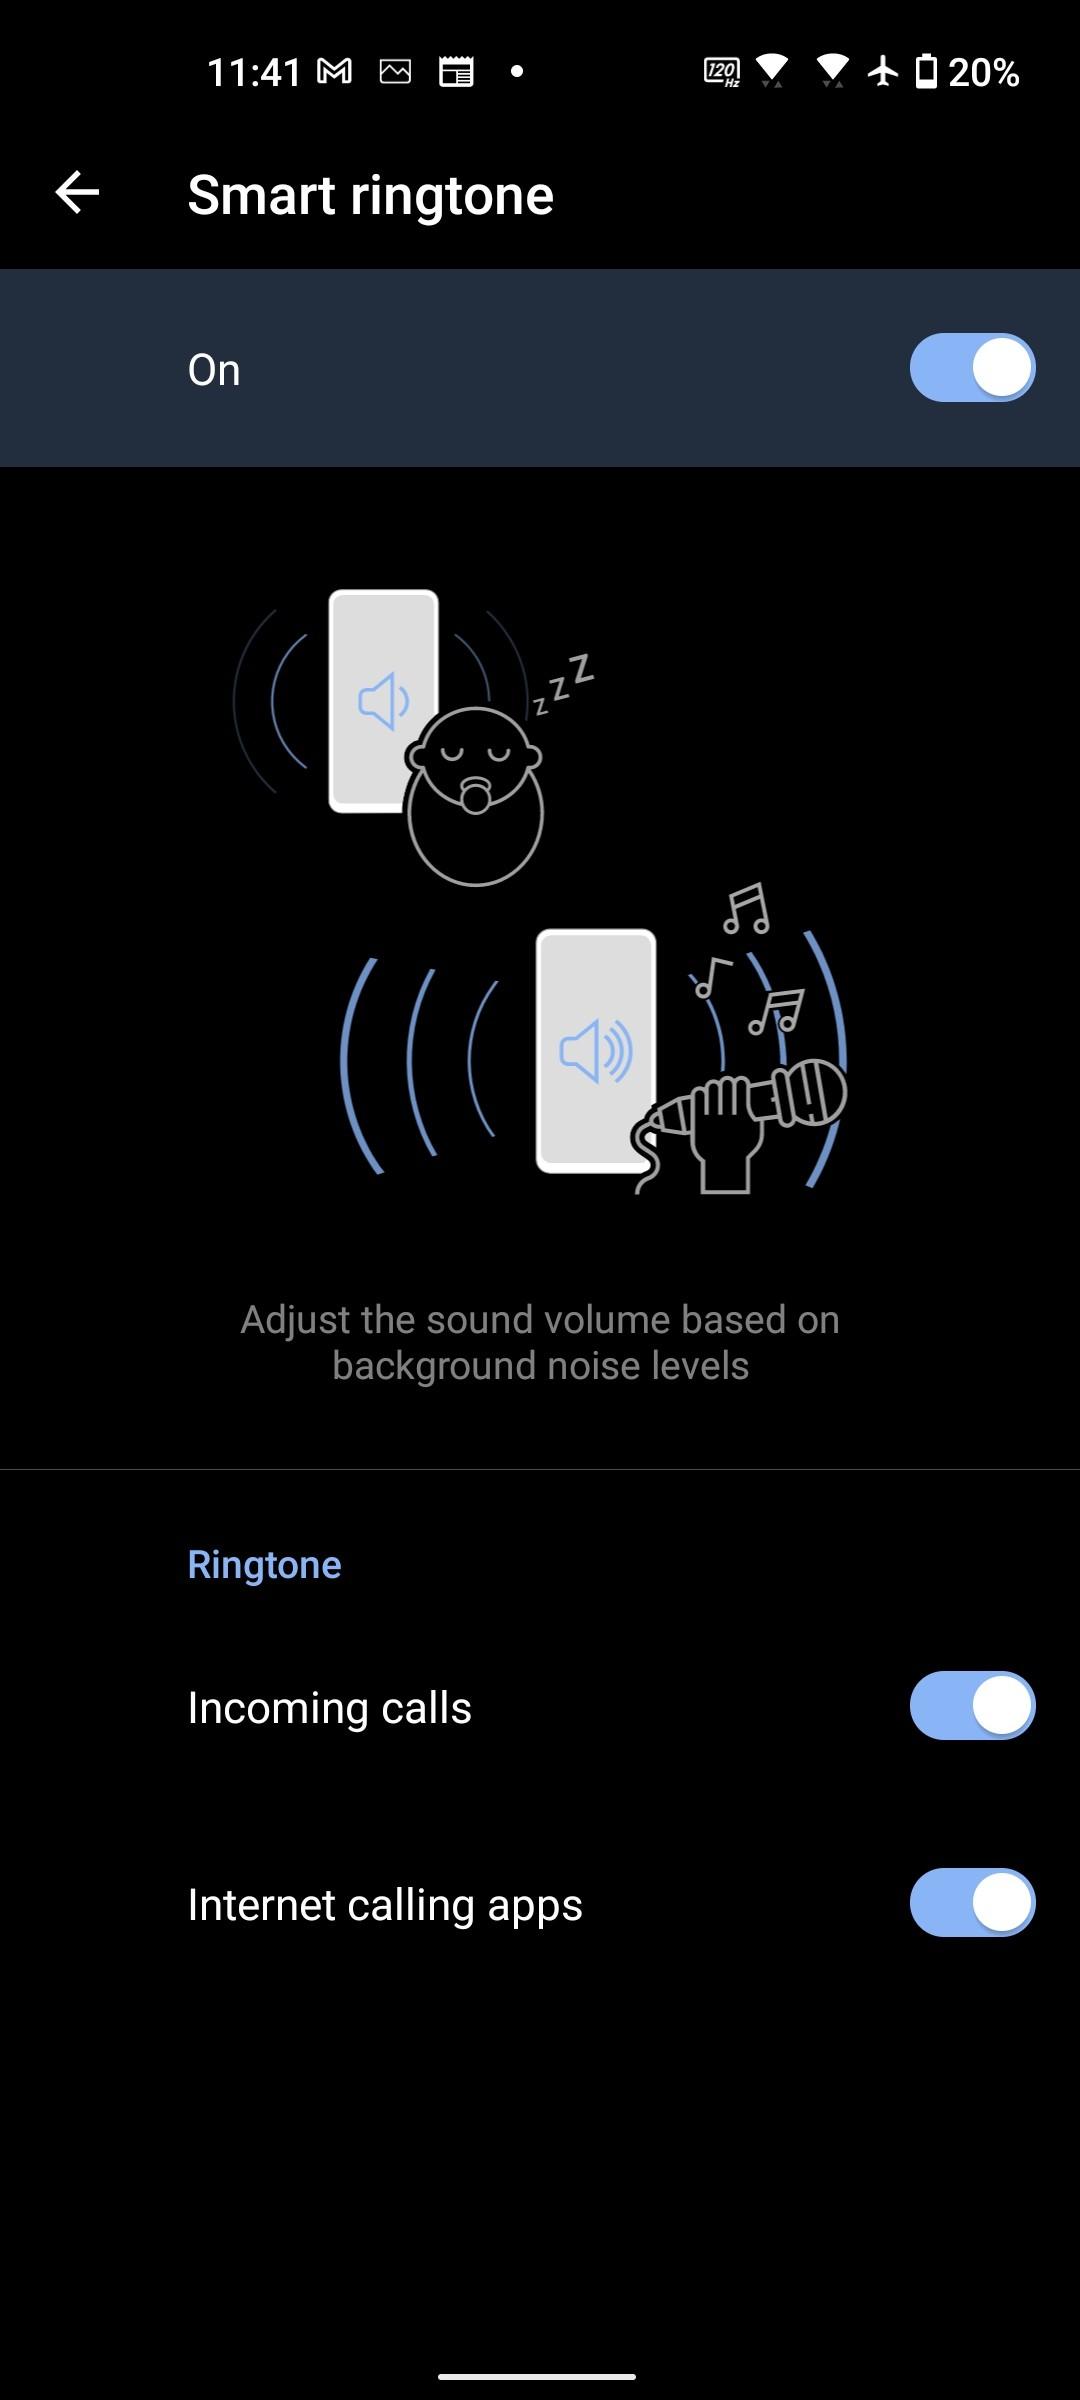 ایسوس زنفون 8: بررسی کامل گوشی ایسوس زنفون 8